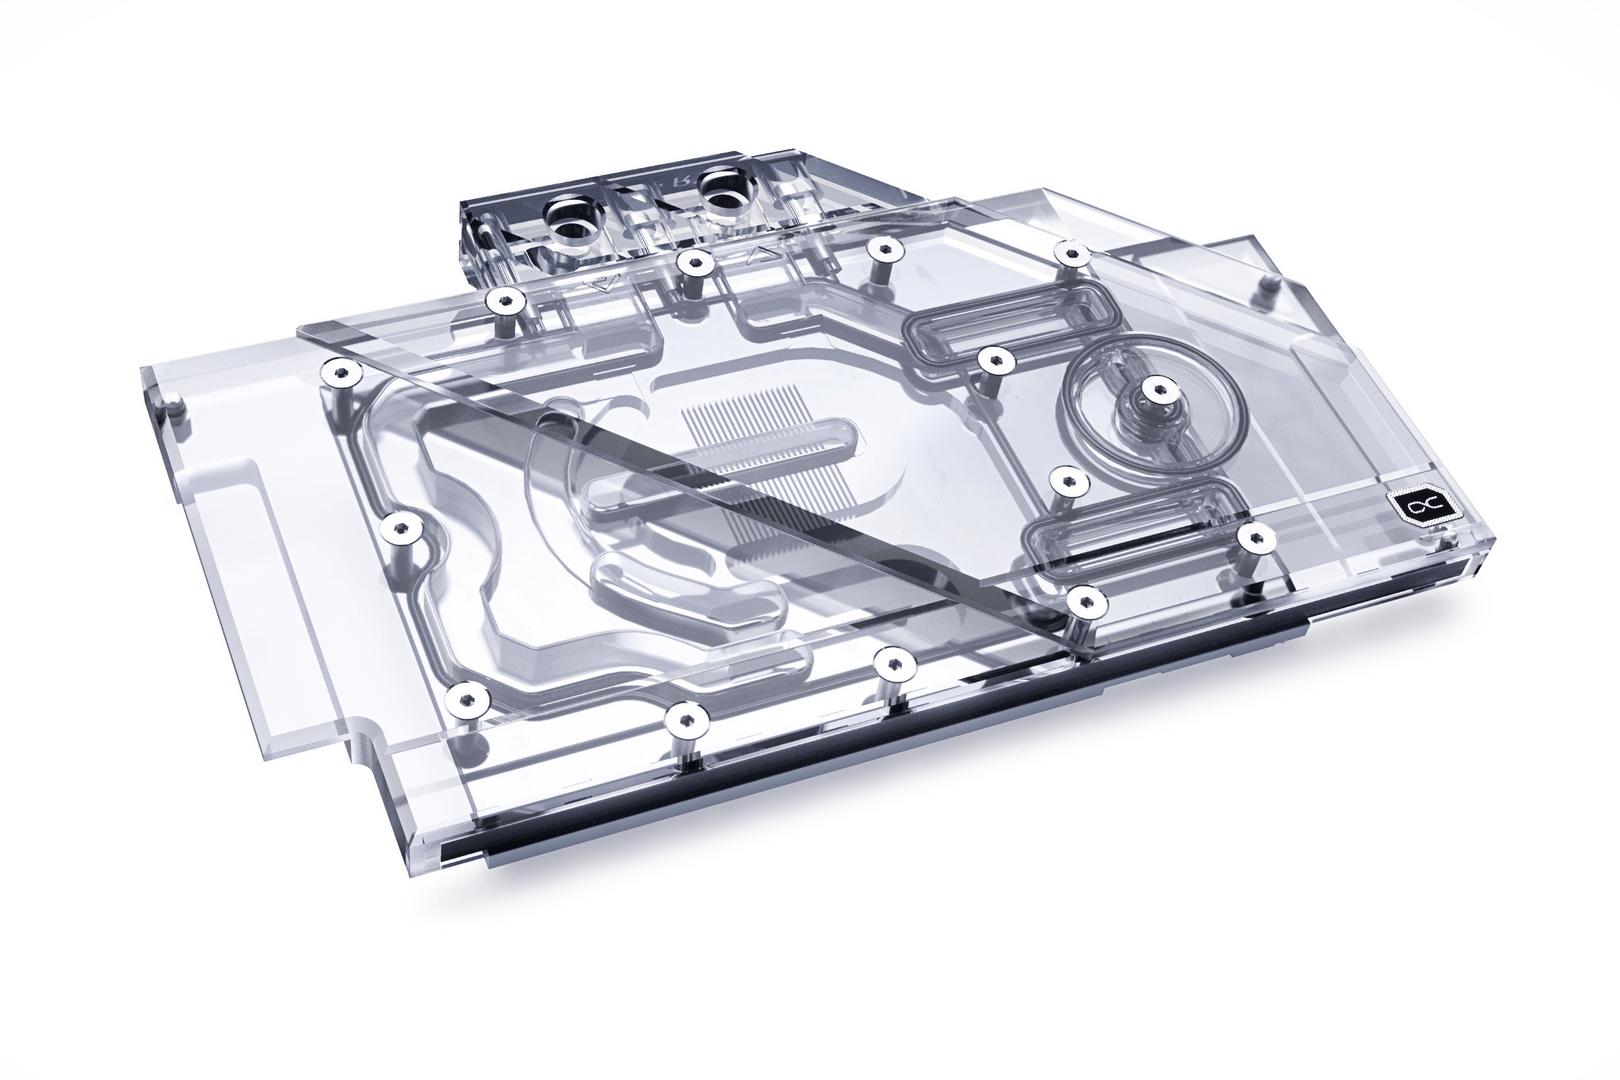 Alphacool Eisblock Aurora für die Asus TUF Gaming